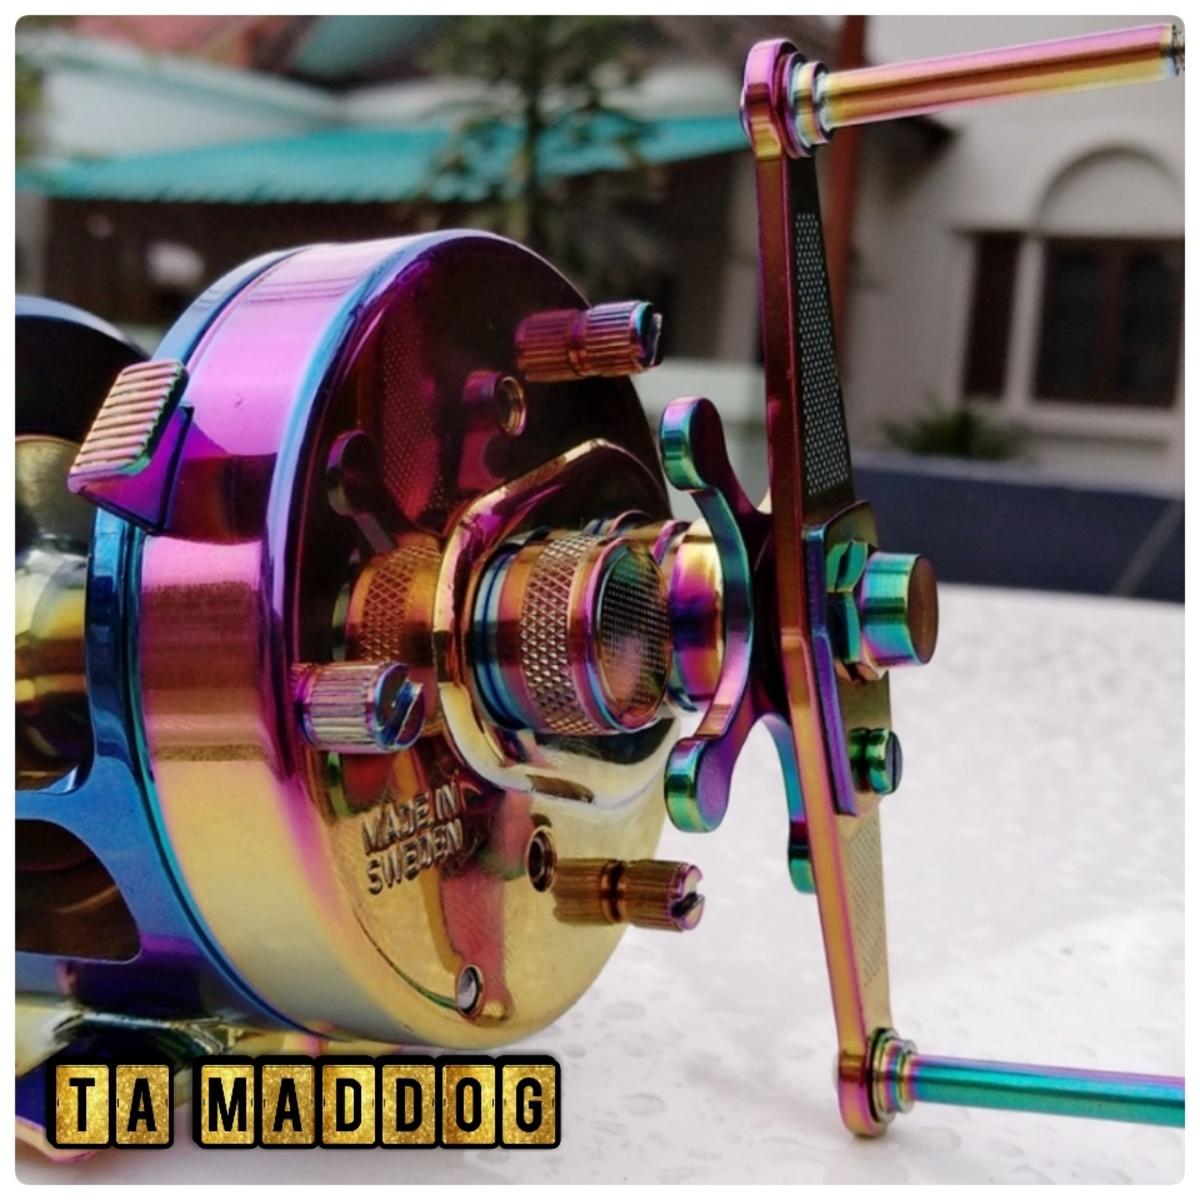 แต่งเบาๆรุ้งยันไส้ในสำนักแต่ง MADDOG CT5500